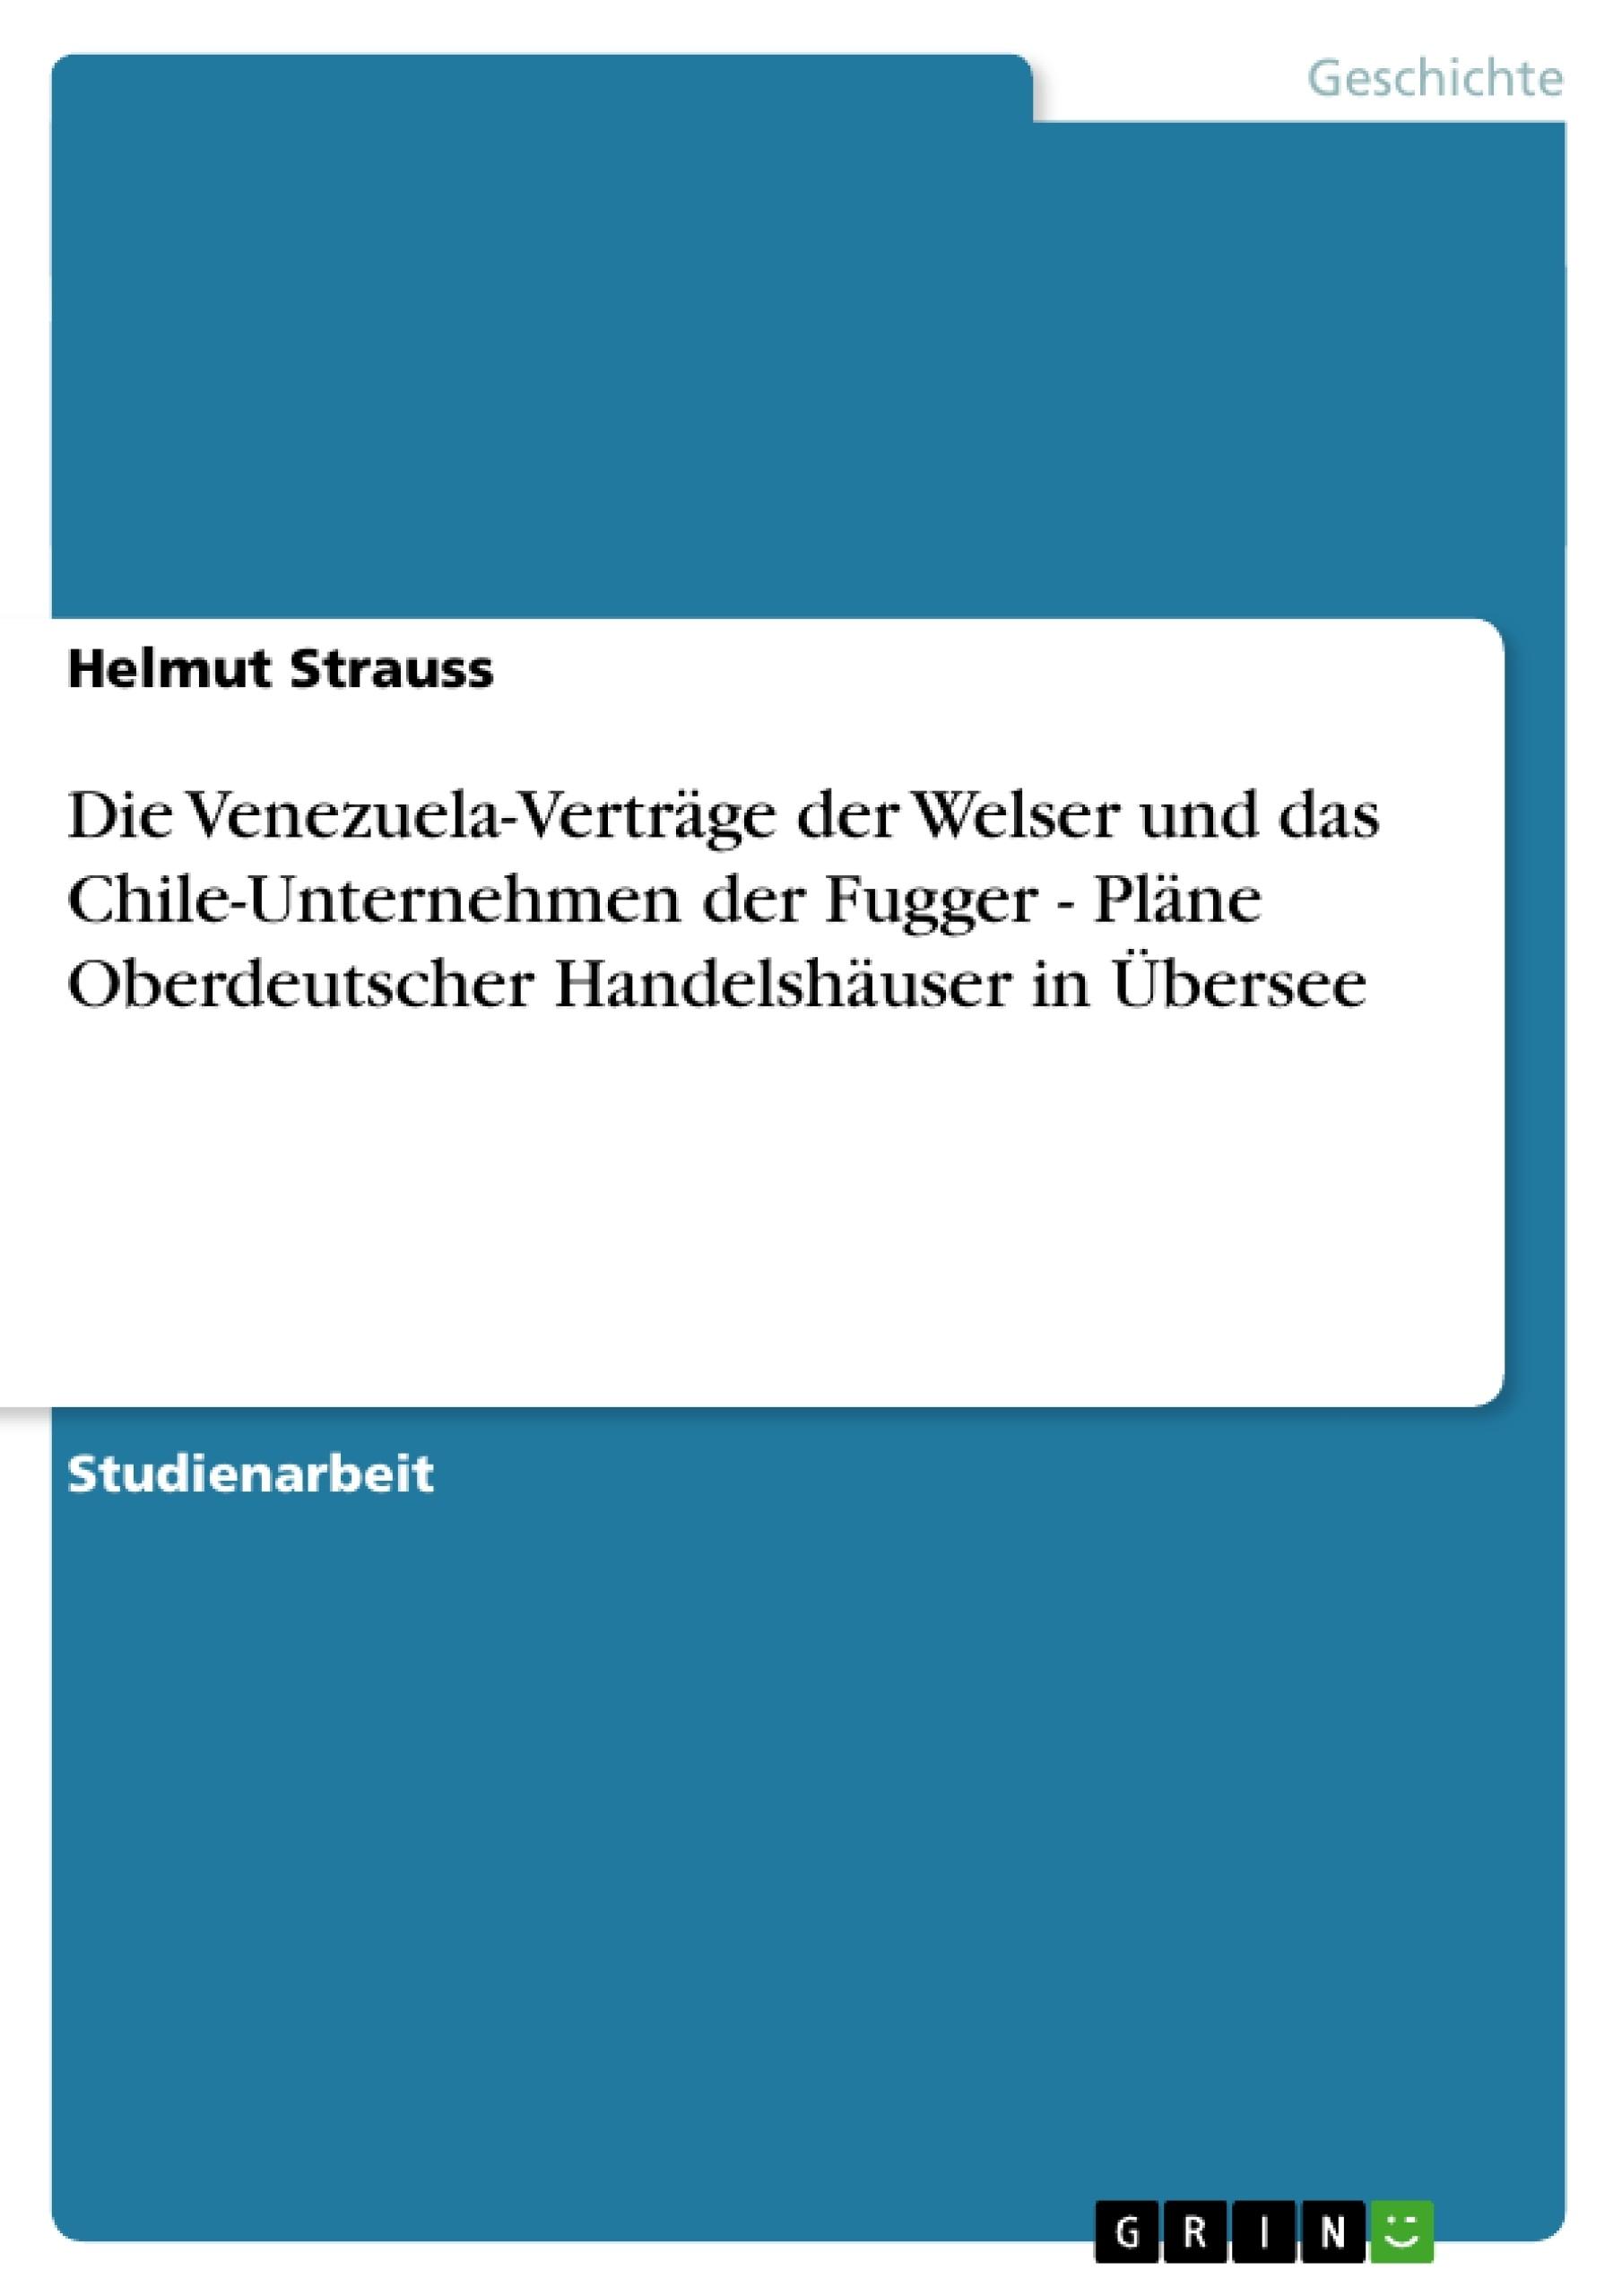 Titel: Die Venezuela-Verträge der Welser und das Chile-Unternehmen der Fugger - Pläne Oberdeutscher Handelshäuser in Übersee